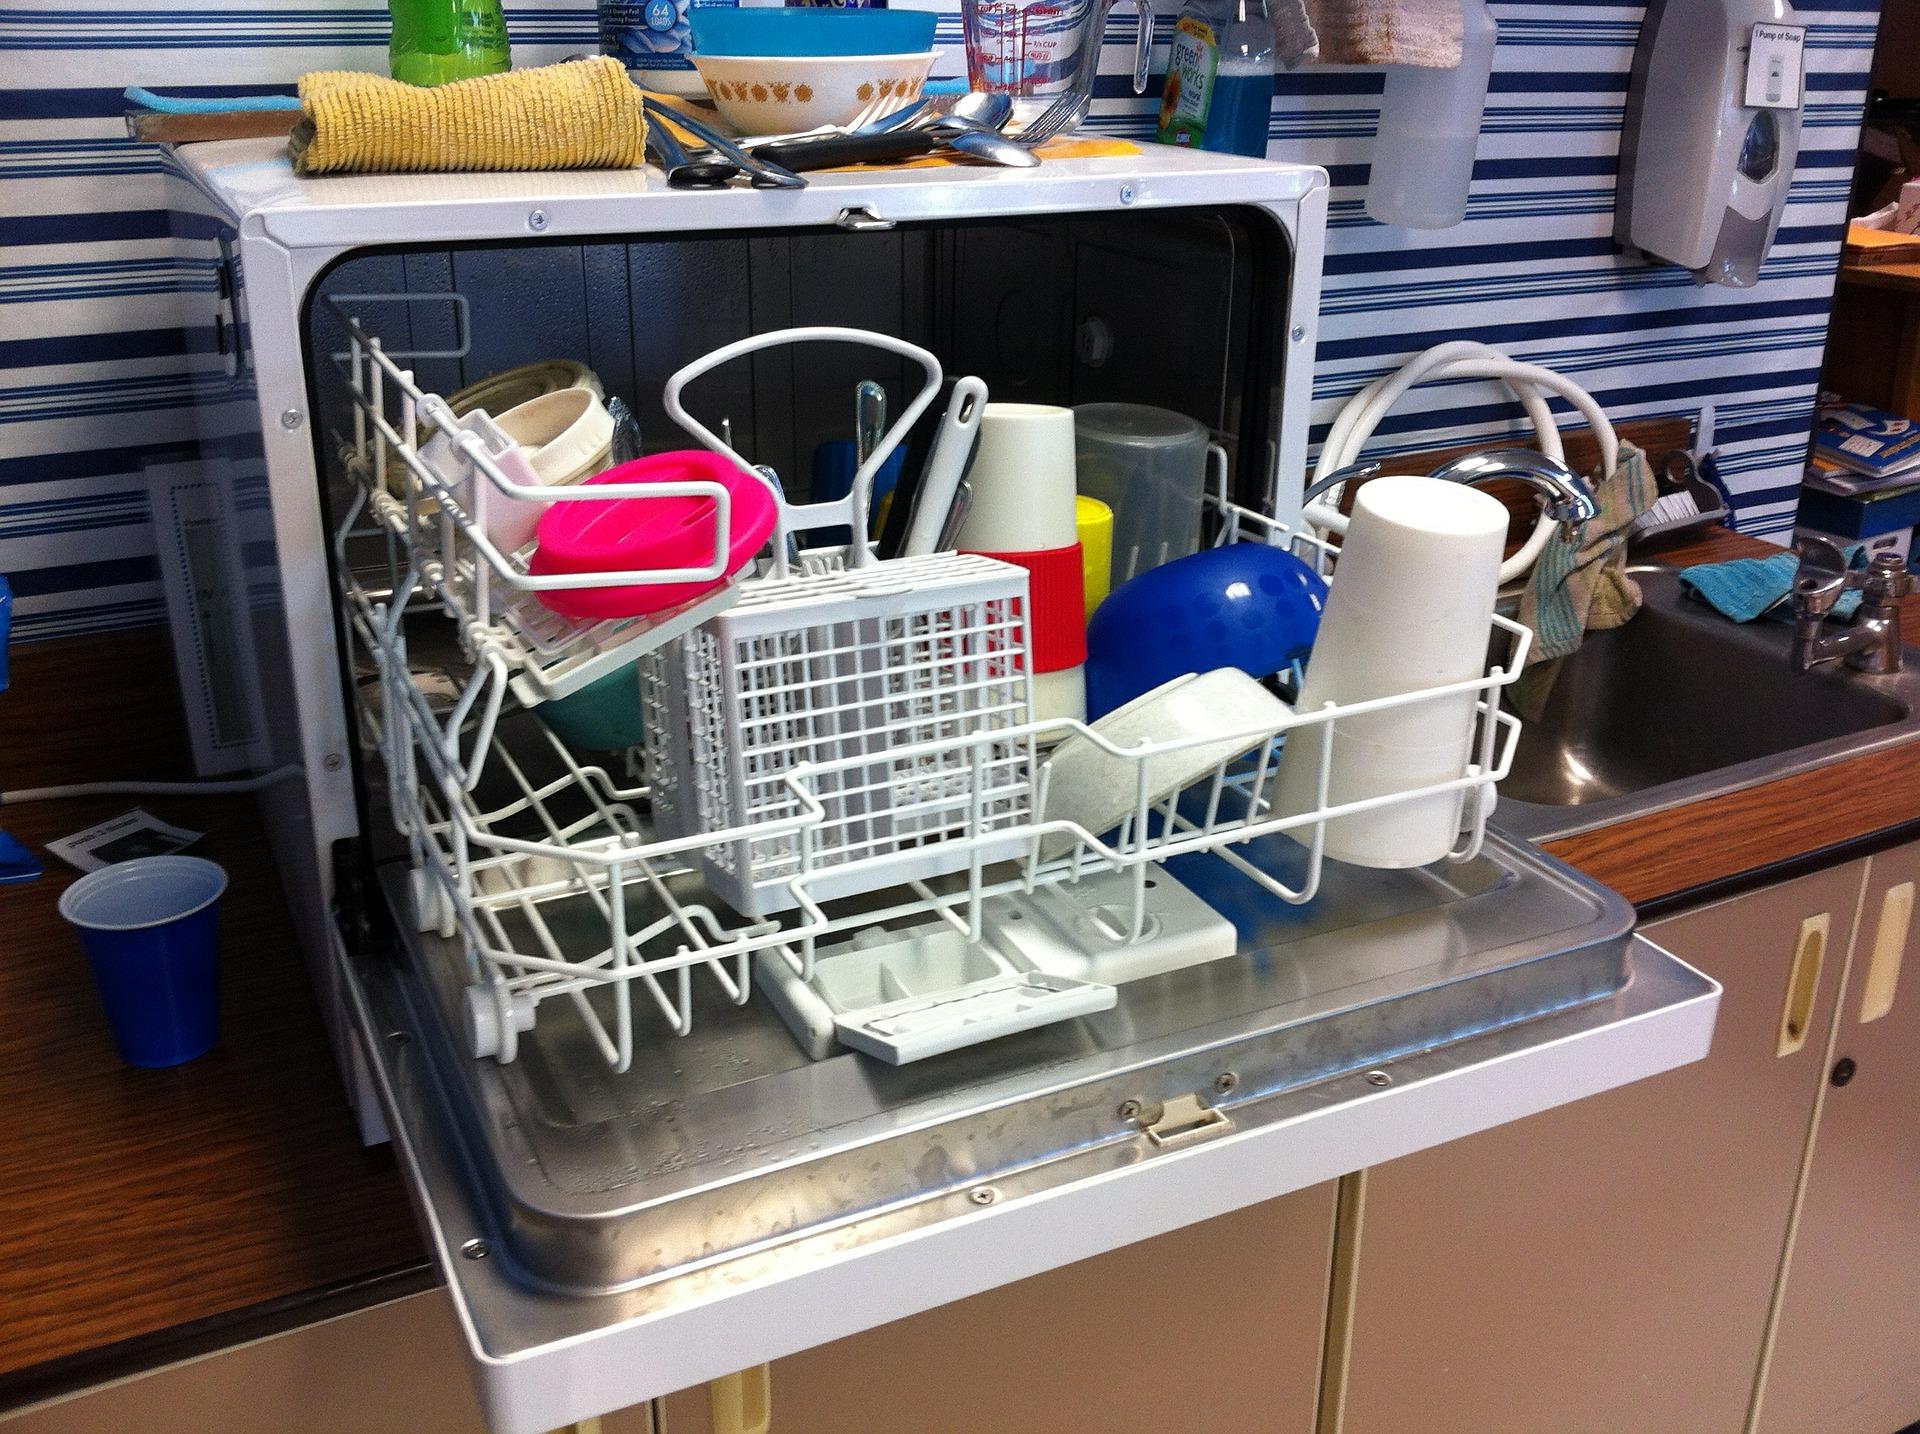 Motivating example — unloading your dishwasher